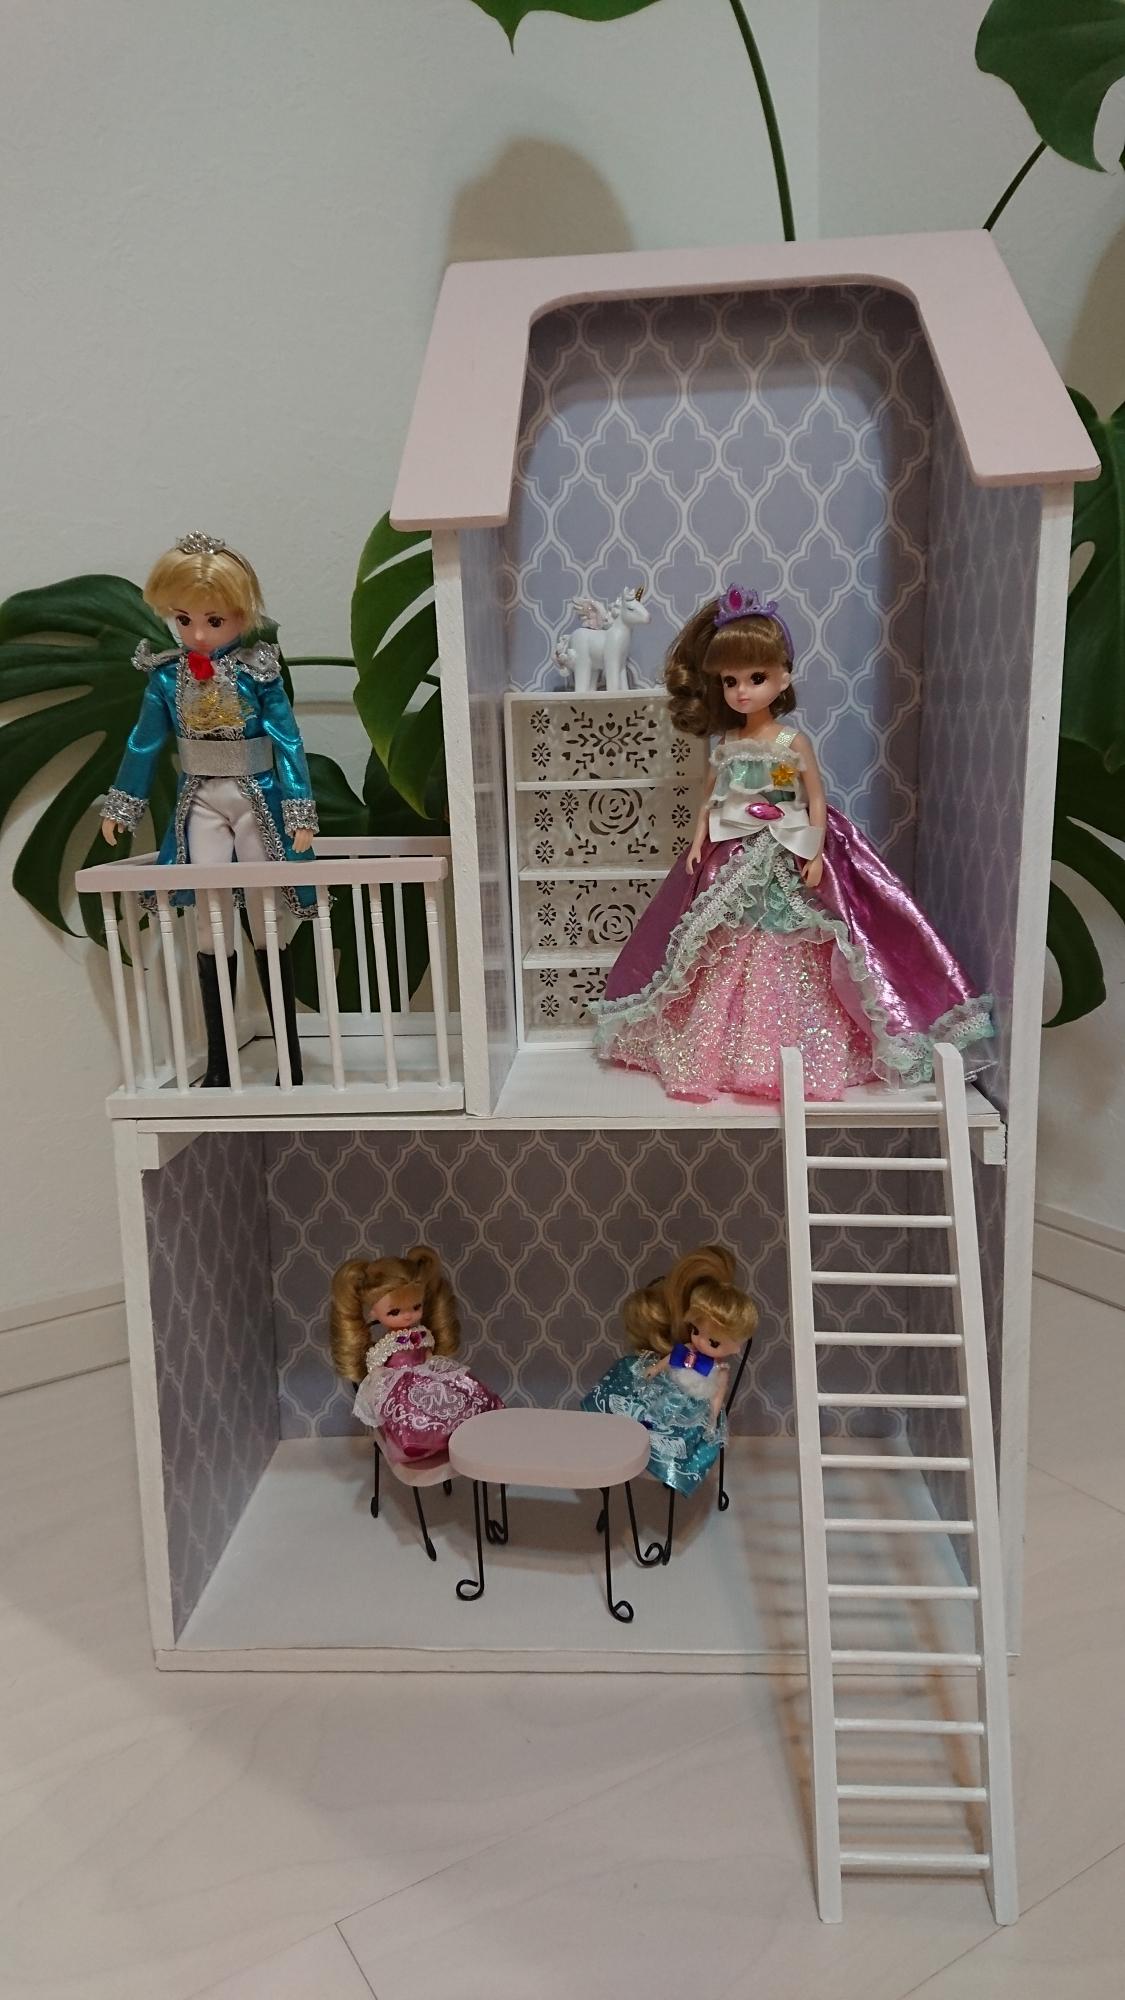 神戸市立六甲道児童館「トンチンカンチン大工さん・作品報告(ママが作ったドールハウス)」